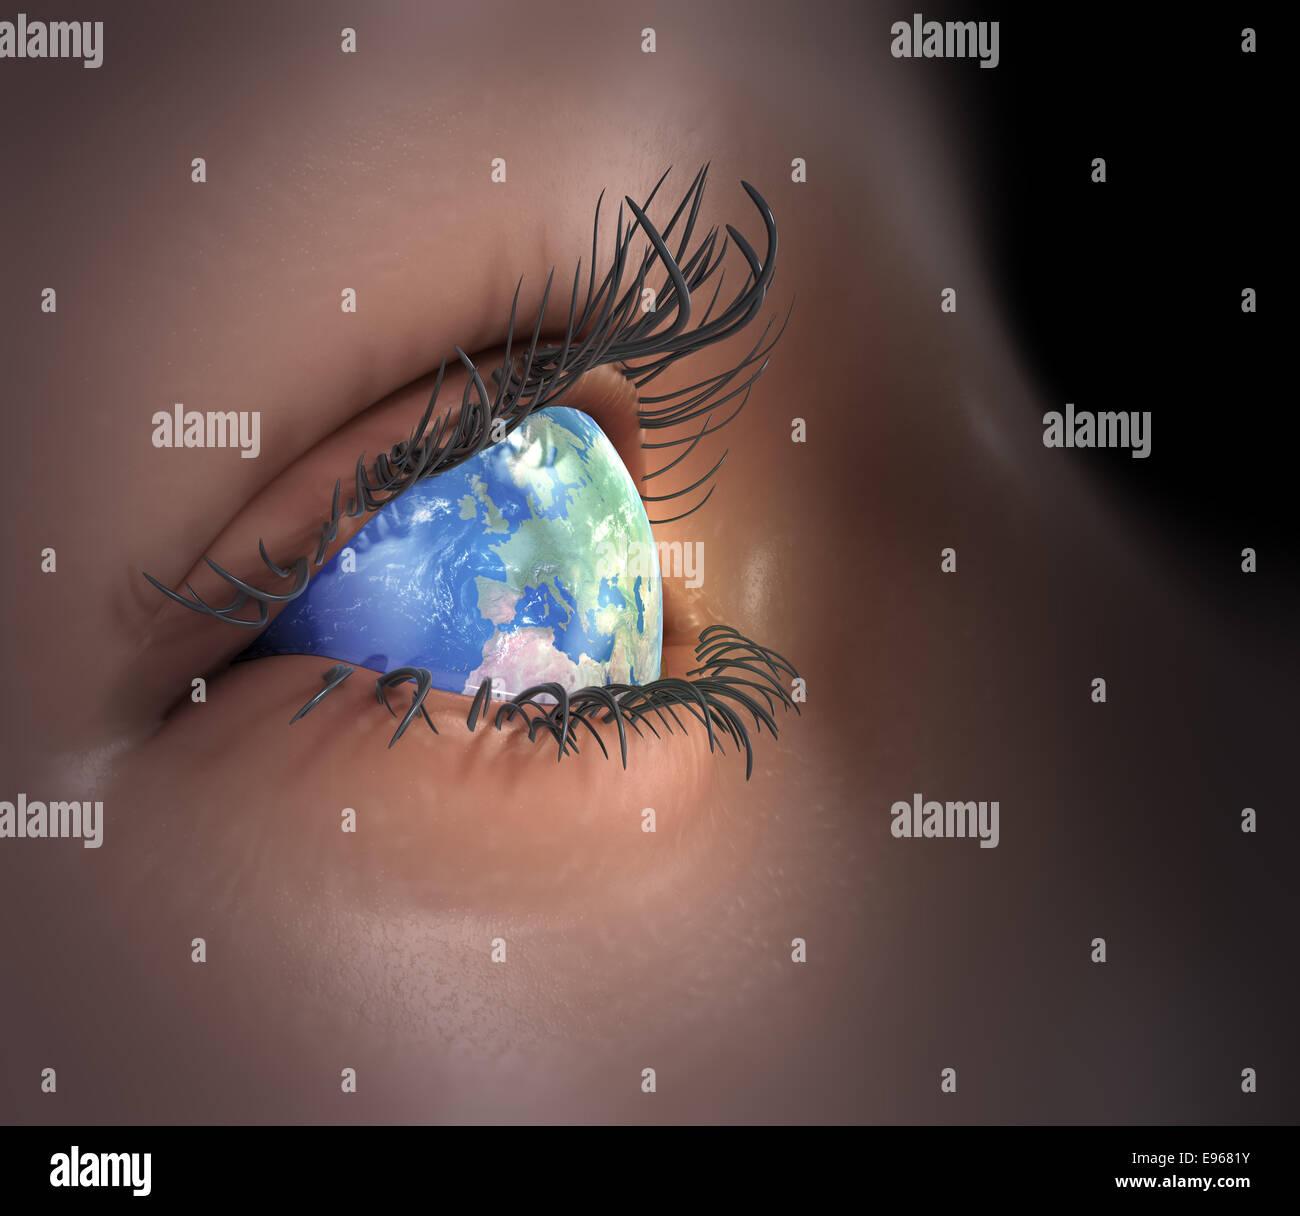 La tierra como un ojo - Visión global Imagen De Stock